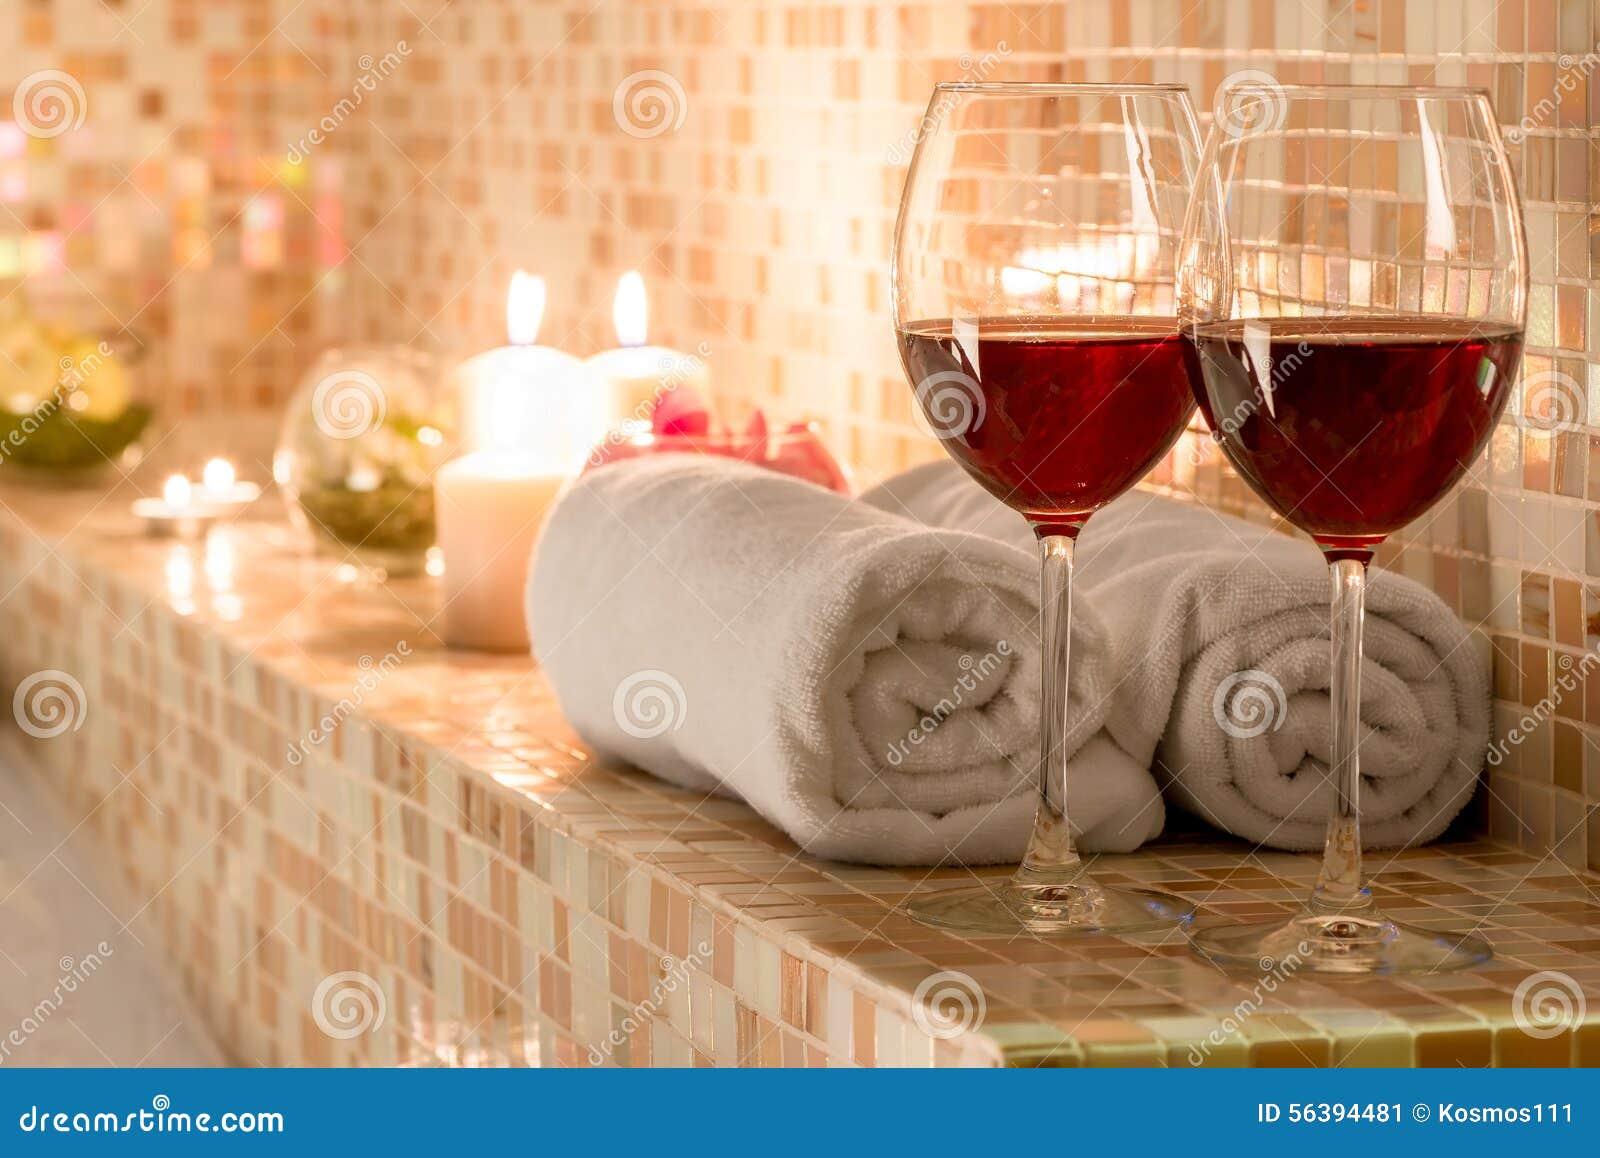 Décoration Romantique Dans La Salle De Bains Image stock - Image du ...